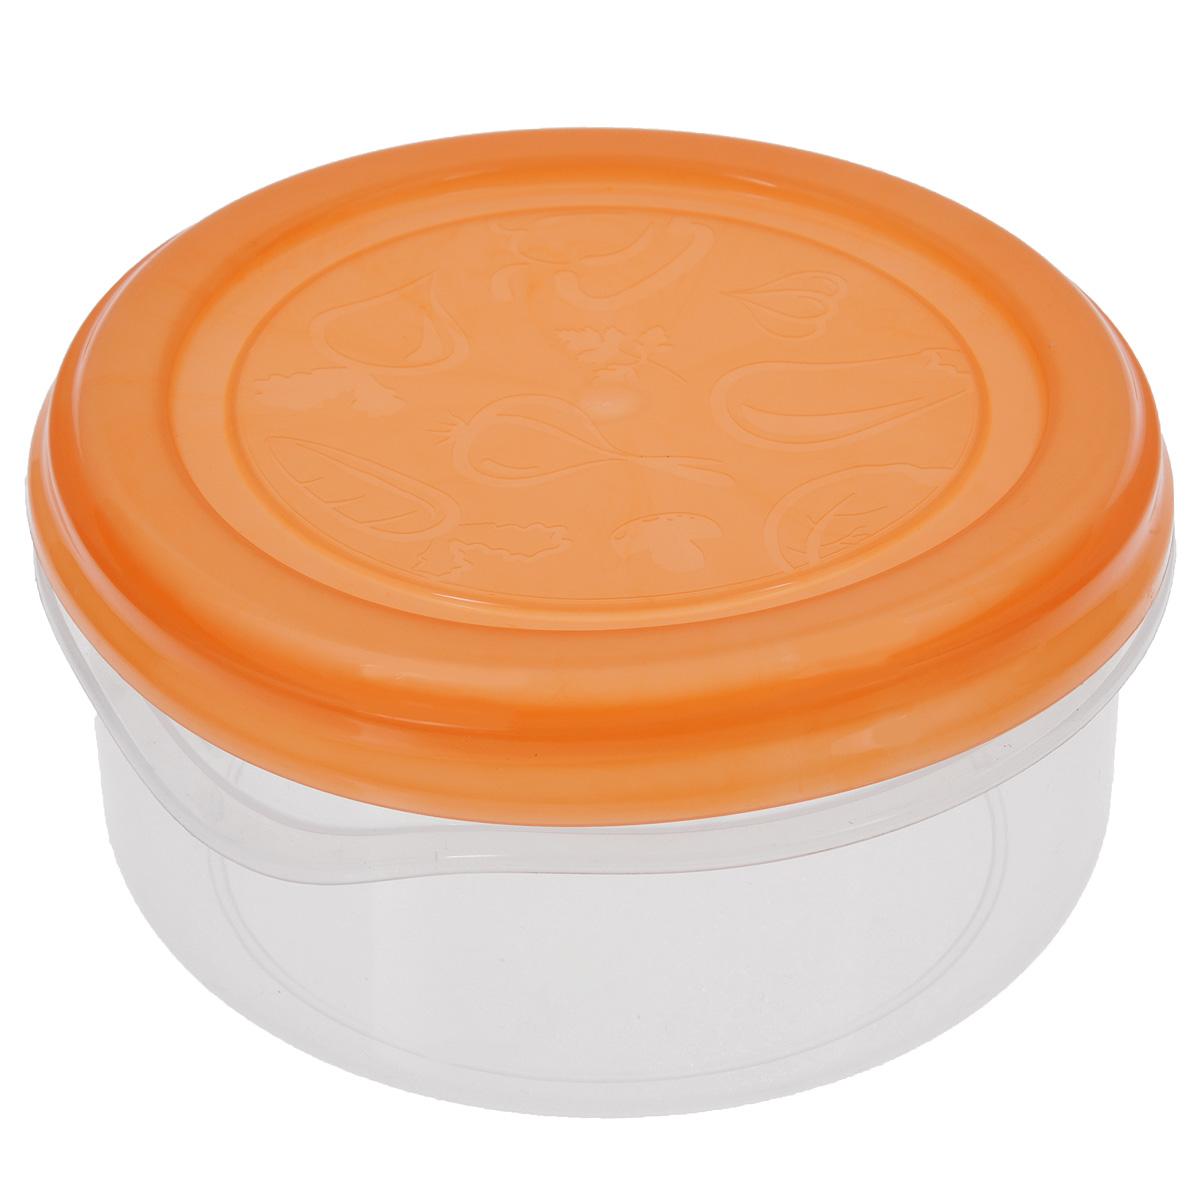 Контейнер Phibo Soft Top, цвет: оранжевый, 0,9 лС11018Контейнер Phibo Soft Top круглой формы, изготовленный из прочного пластика, предназначен специально для хранения пищевых продуктов. Крышка легко открывается и плотно закрывается. Контейнер устойчив к воздействию масел и жиров, легко моется. Прозрачные стенки позволяют видеть содержимое. Контейнер имеет возможность хранения продуктов глубокой заморозки, обладает высокой прочностью. Можно мыть в посудомоечной машине. Подходит для использования в микроволновых печах. Диаметр: 14,5 см. Высота (без учета крышки): 6,5 см.